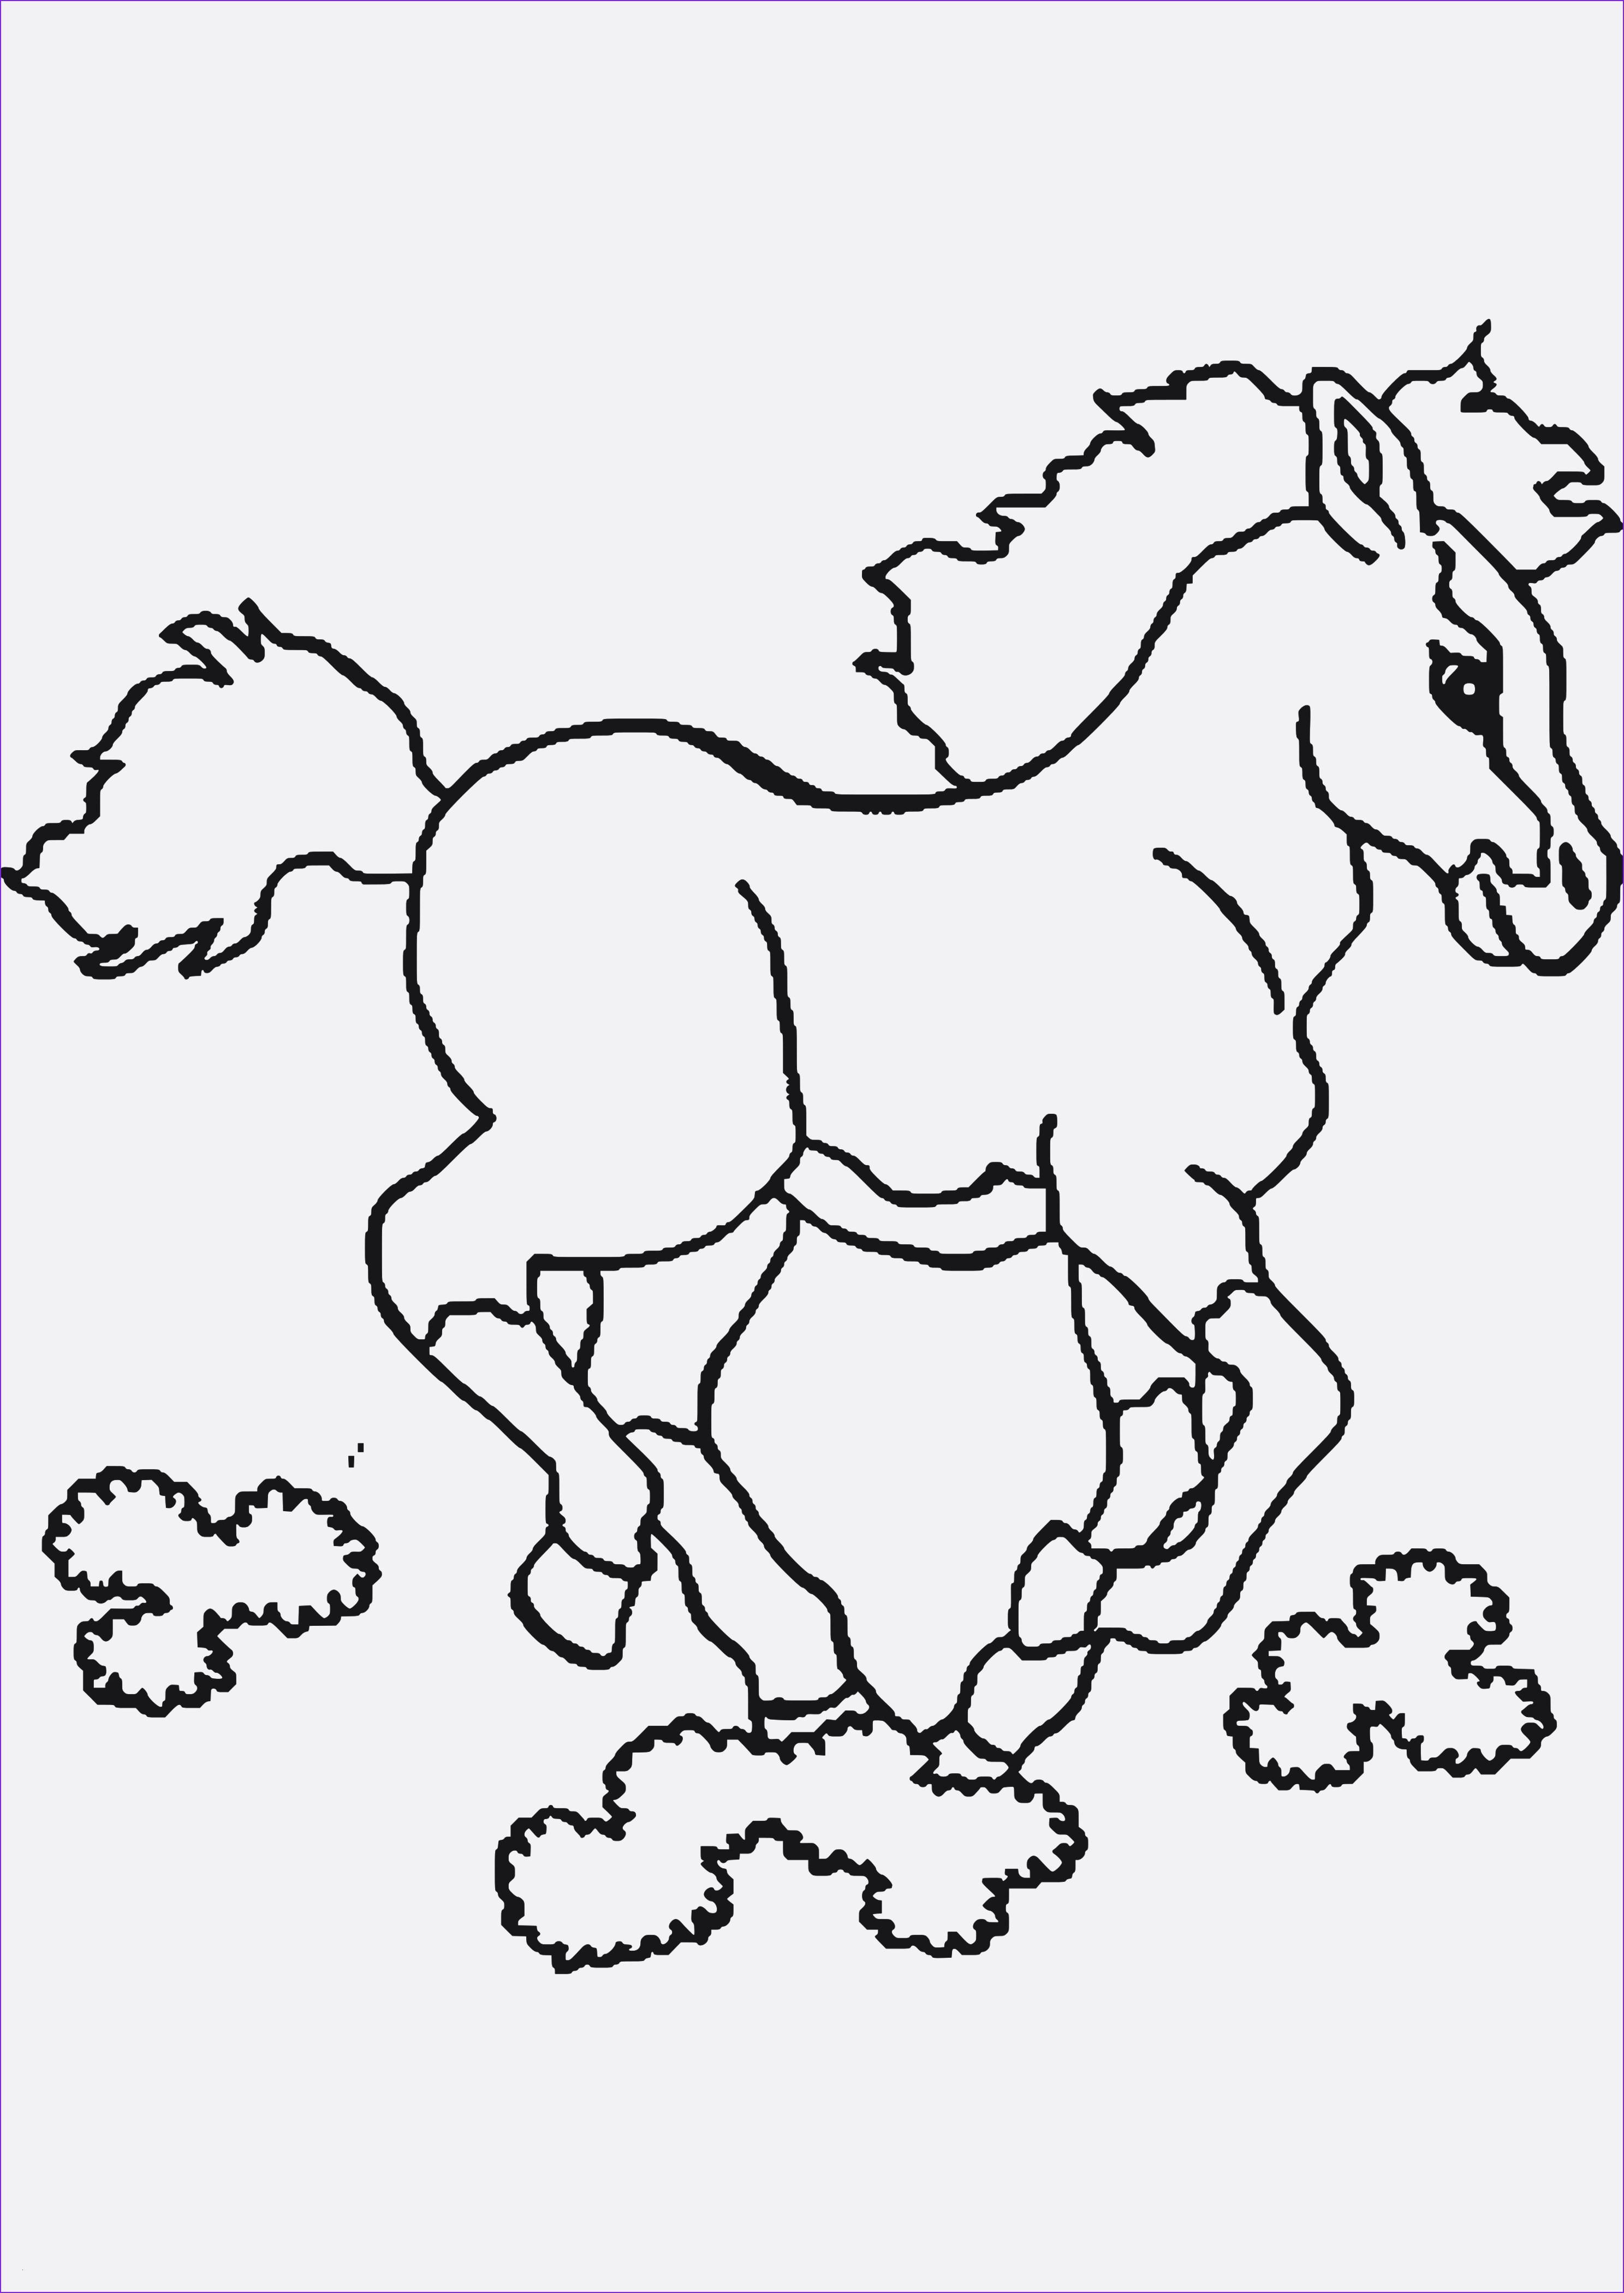 Pferde Bilder Zum Ausdrucken Frisch Pferde Ausmalbilder Zum Drucken Genial 37 Pferde Ausmalbilder Bild